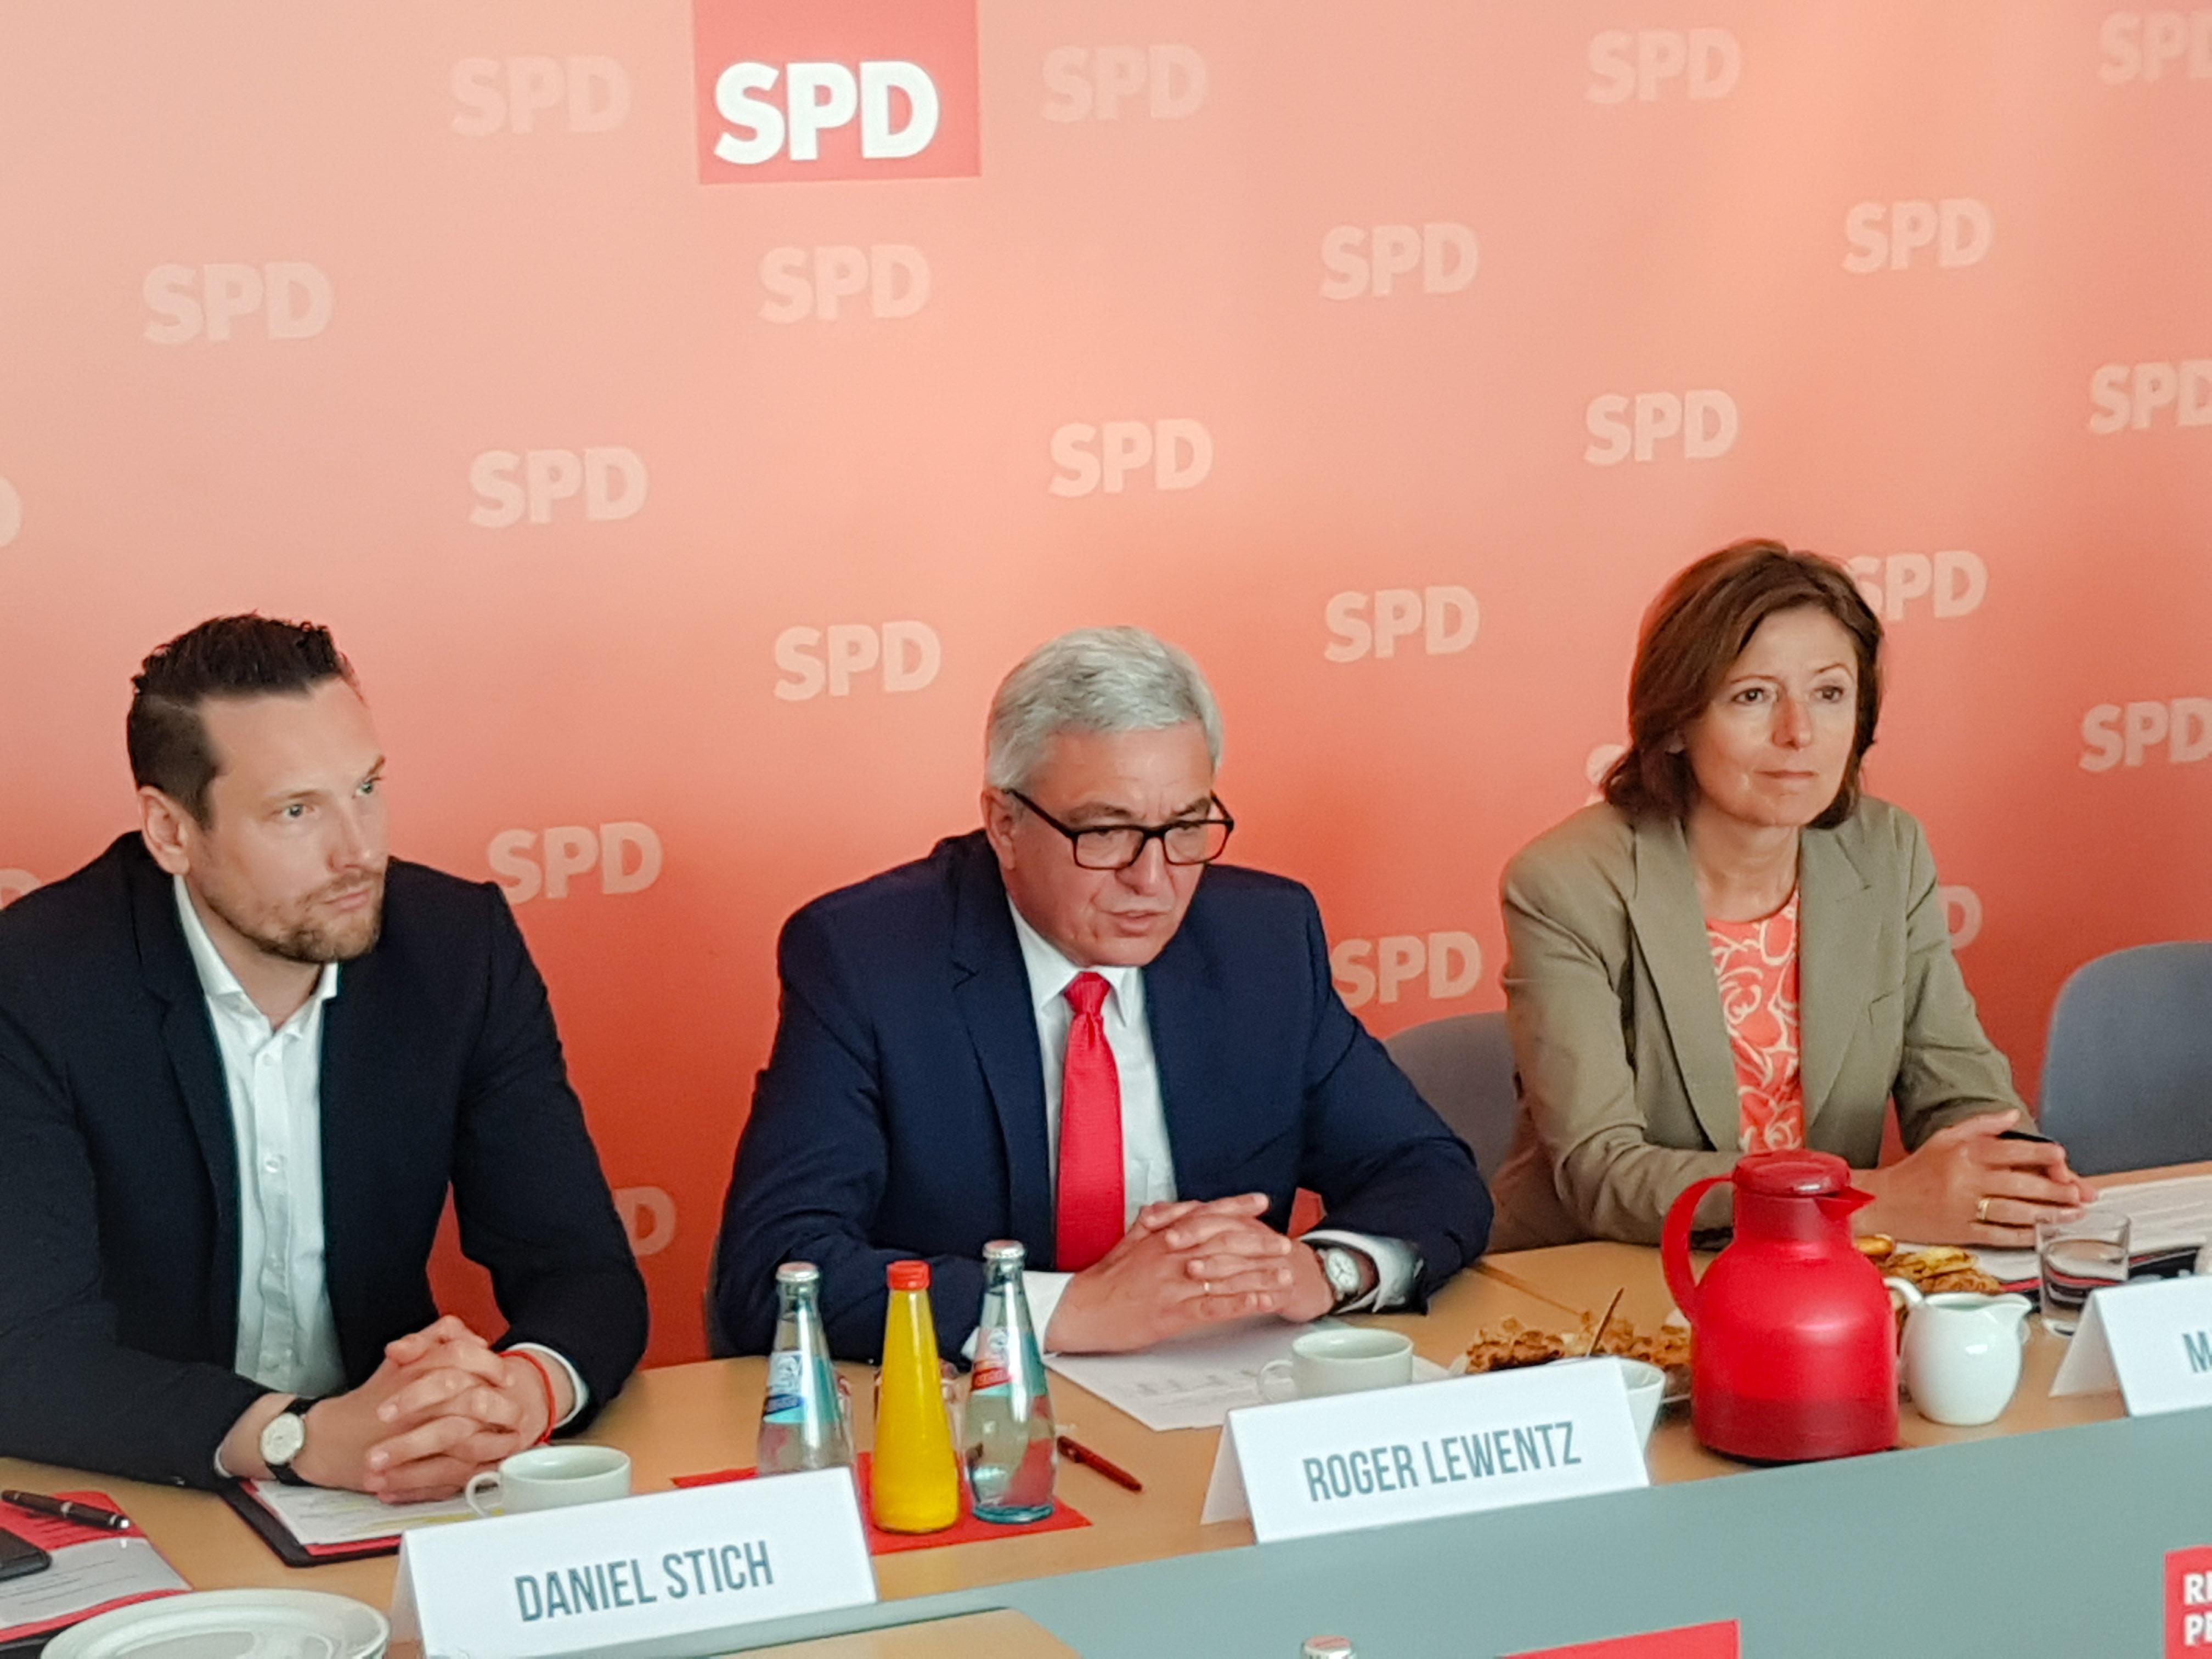 Mit Tatendrang zum Bundesparteitag nach Wiesbaden